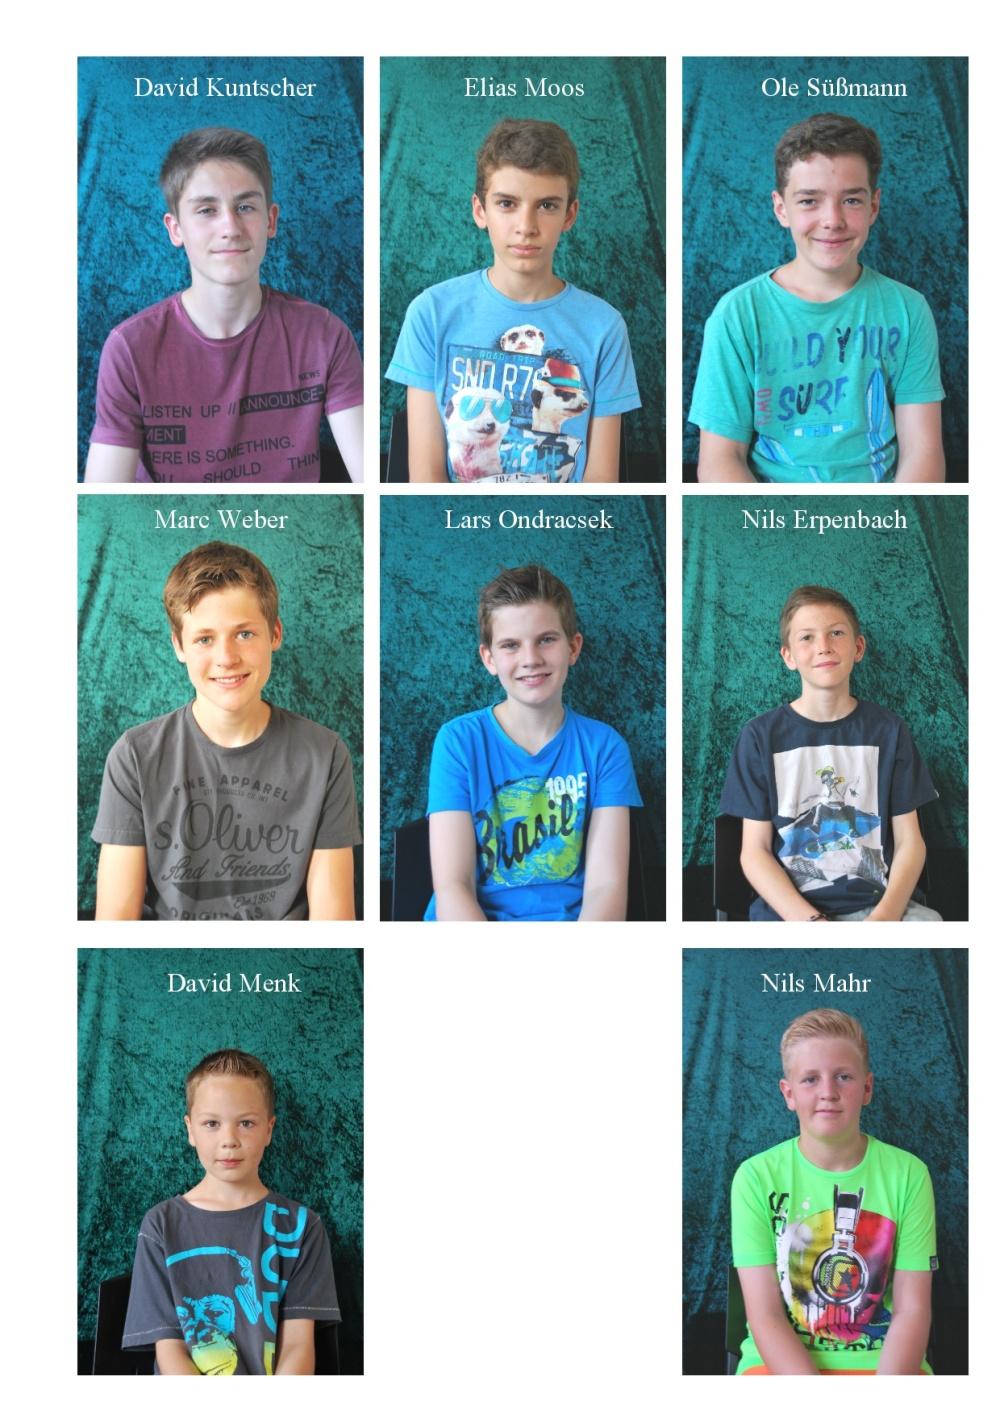 2015-07-05 Unsere Konfis 2015-16-001